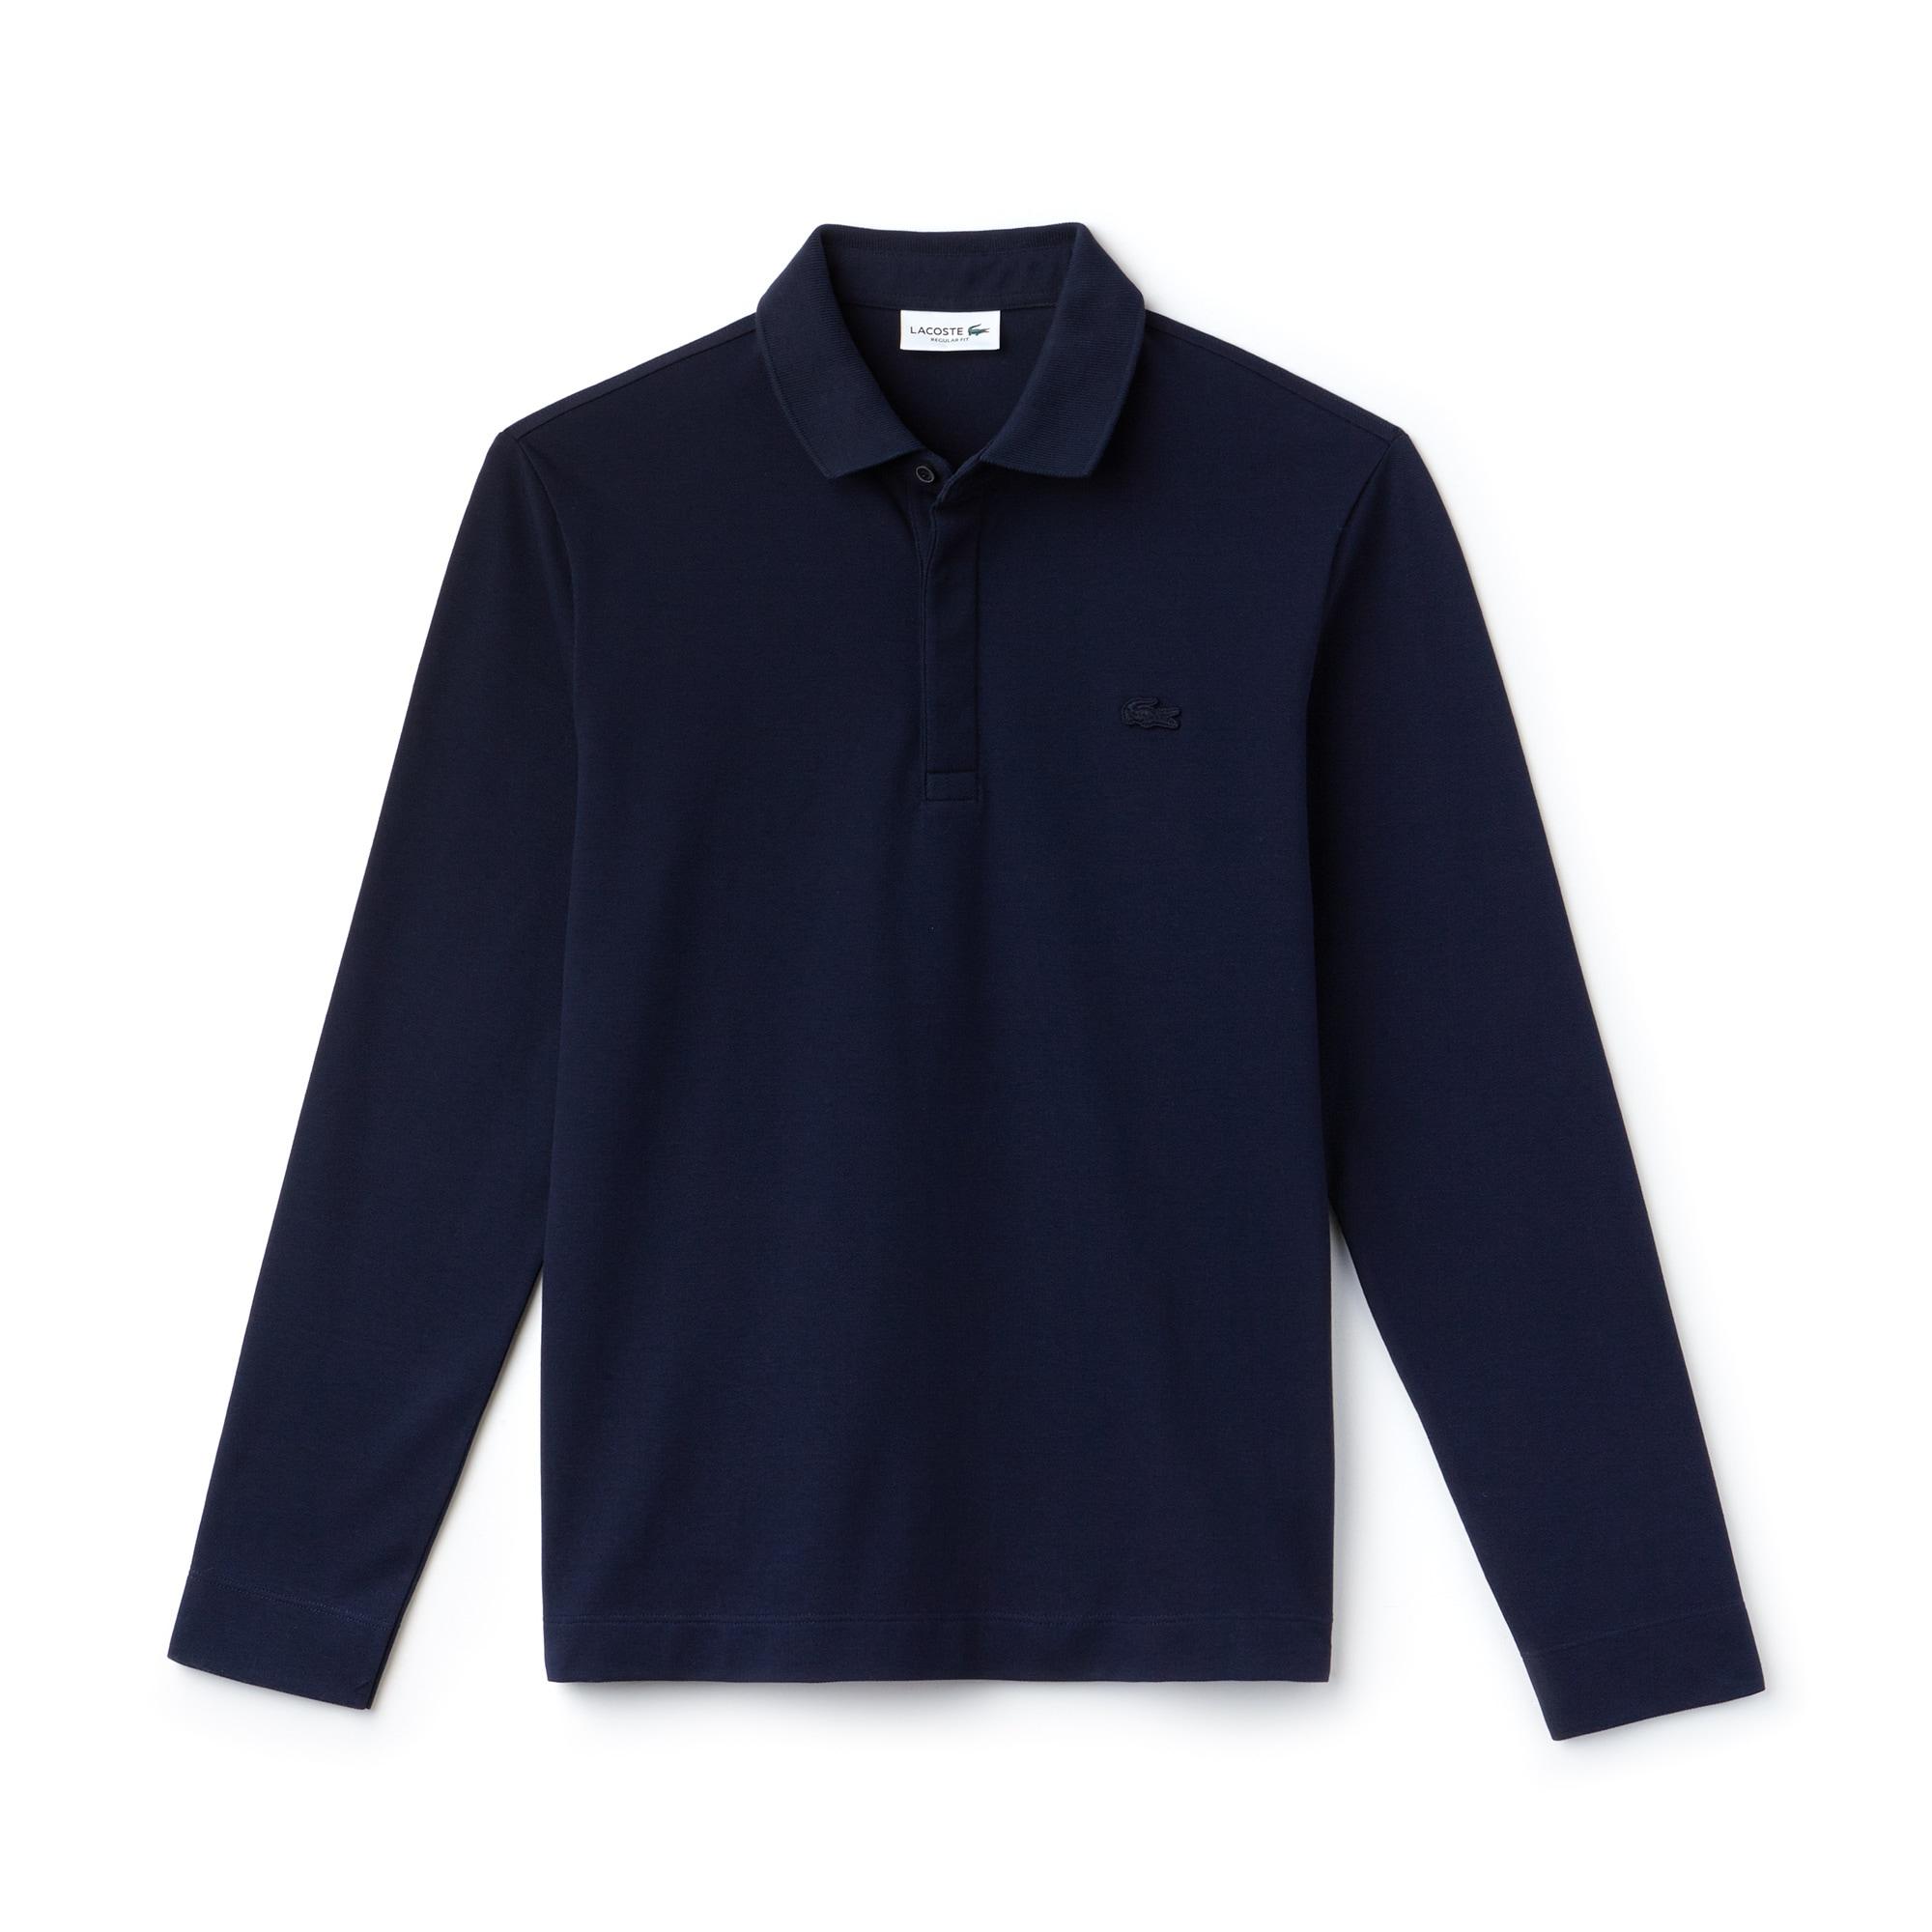 Paris Polo Regular Fit Lacoste à manches longues en piqué de coton stretch